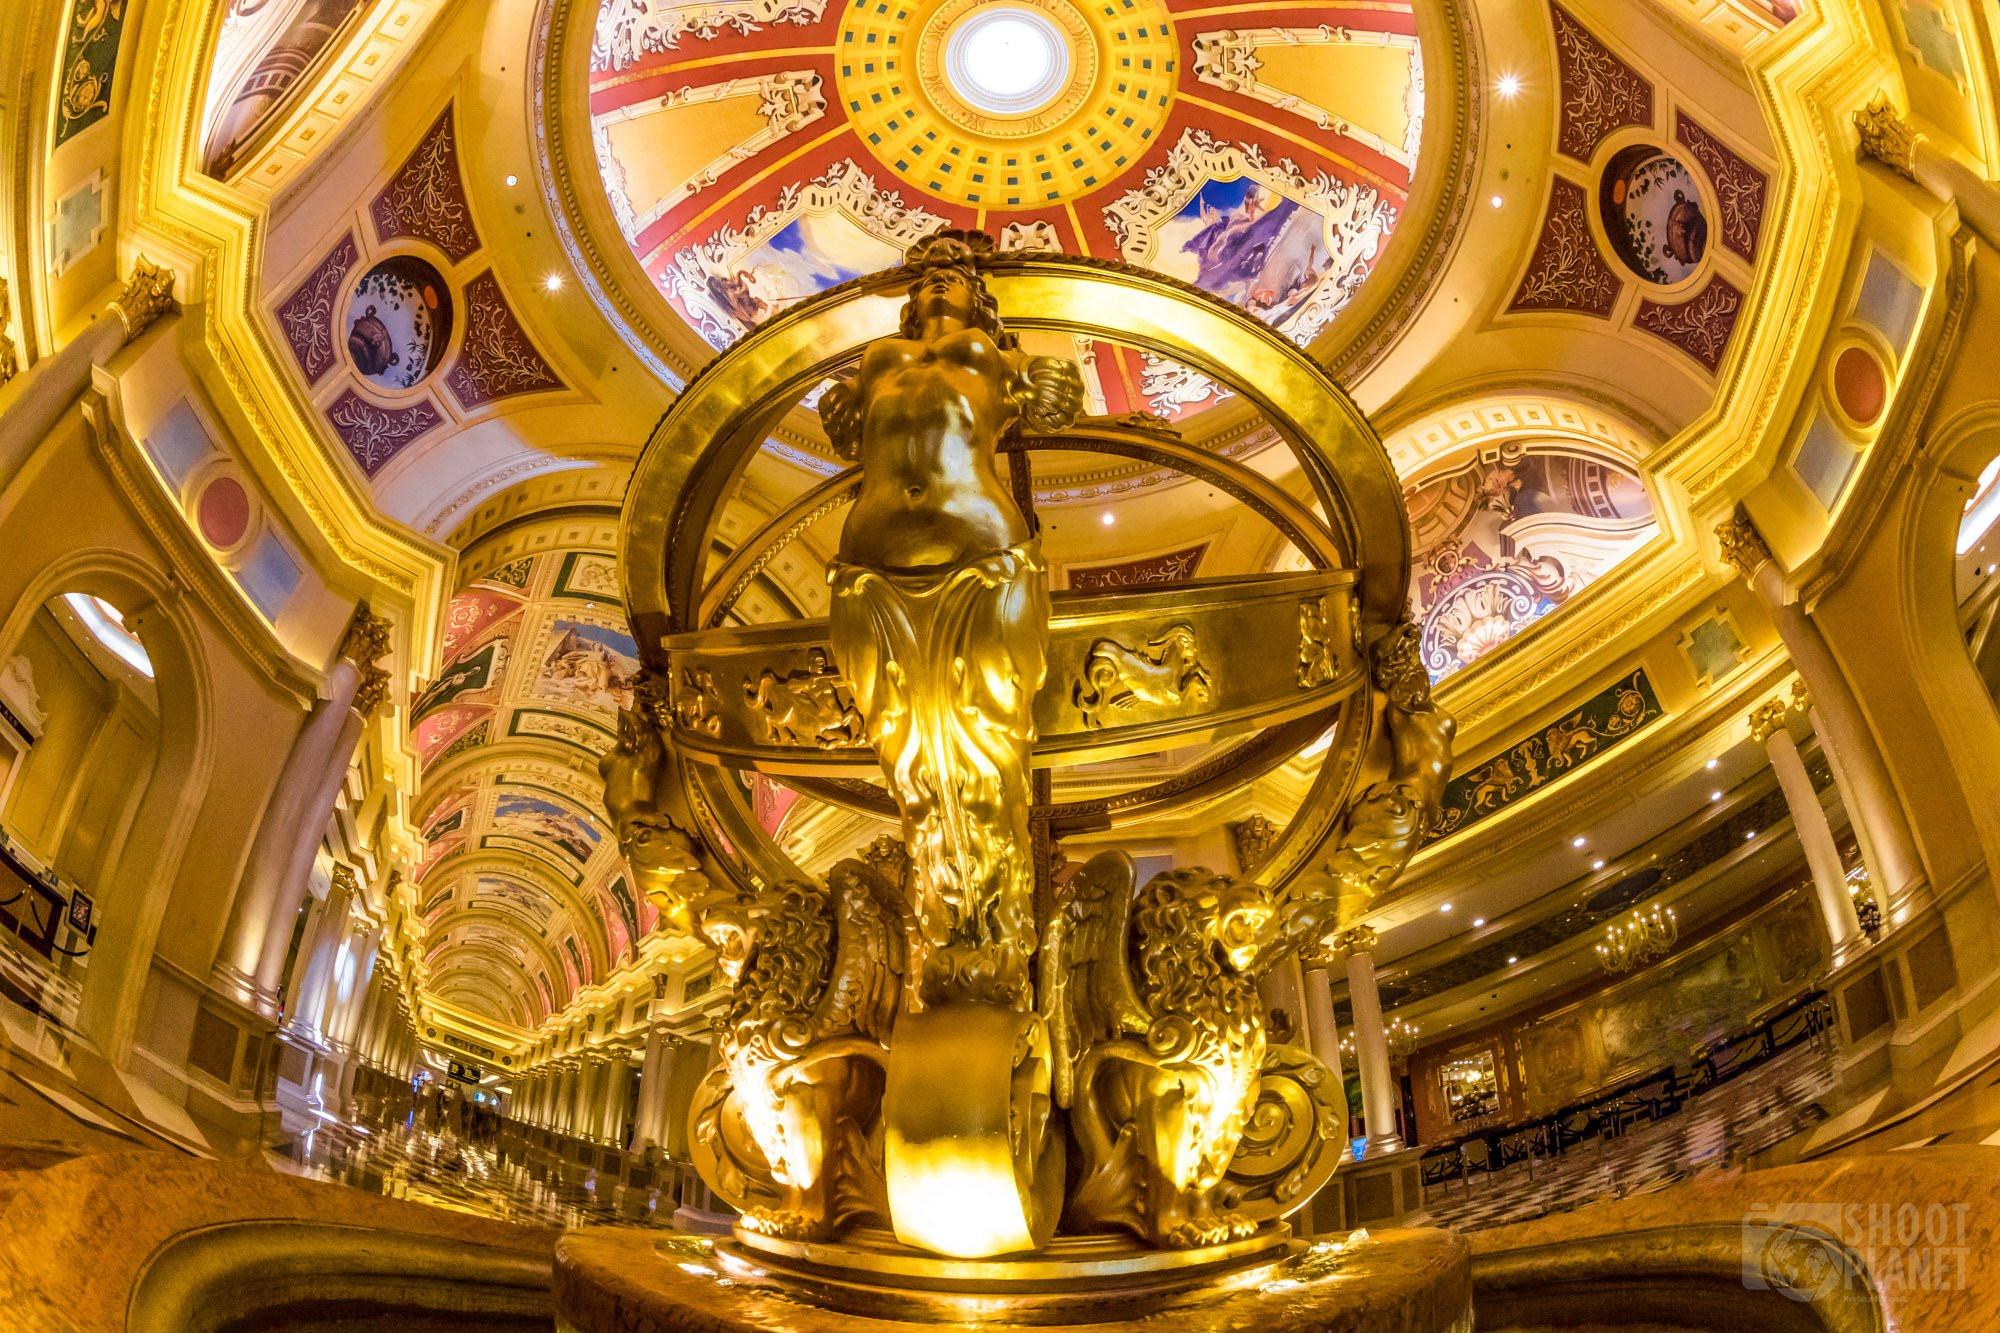 Venetian casino interior in Macao, China